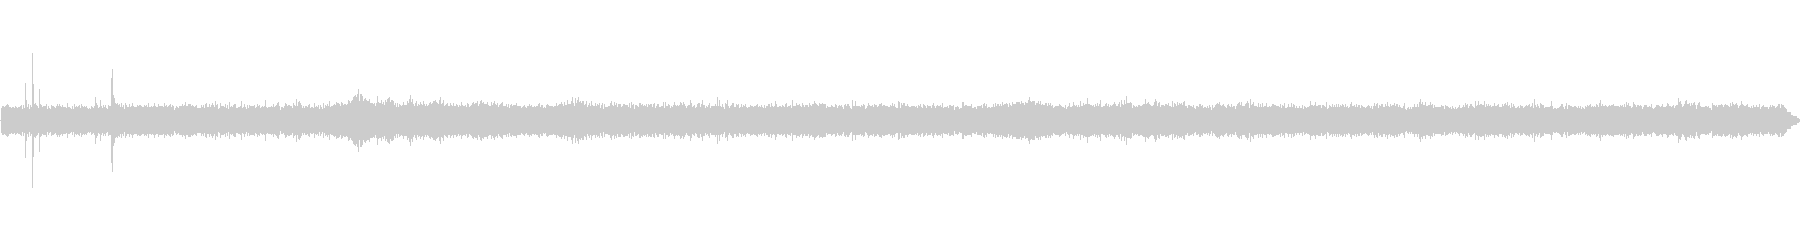 商店街の環境音の未再生の波形